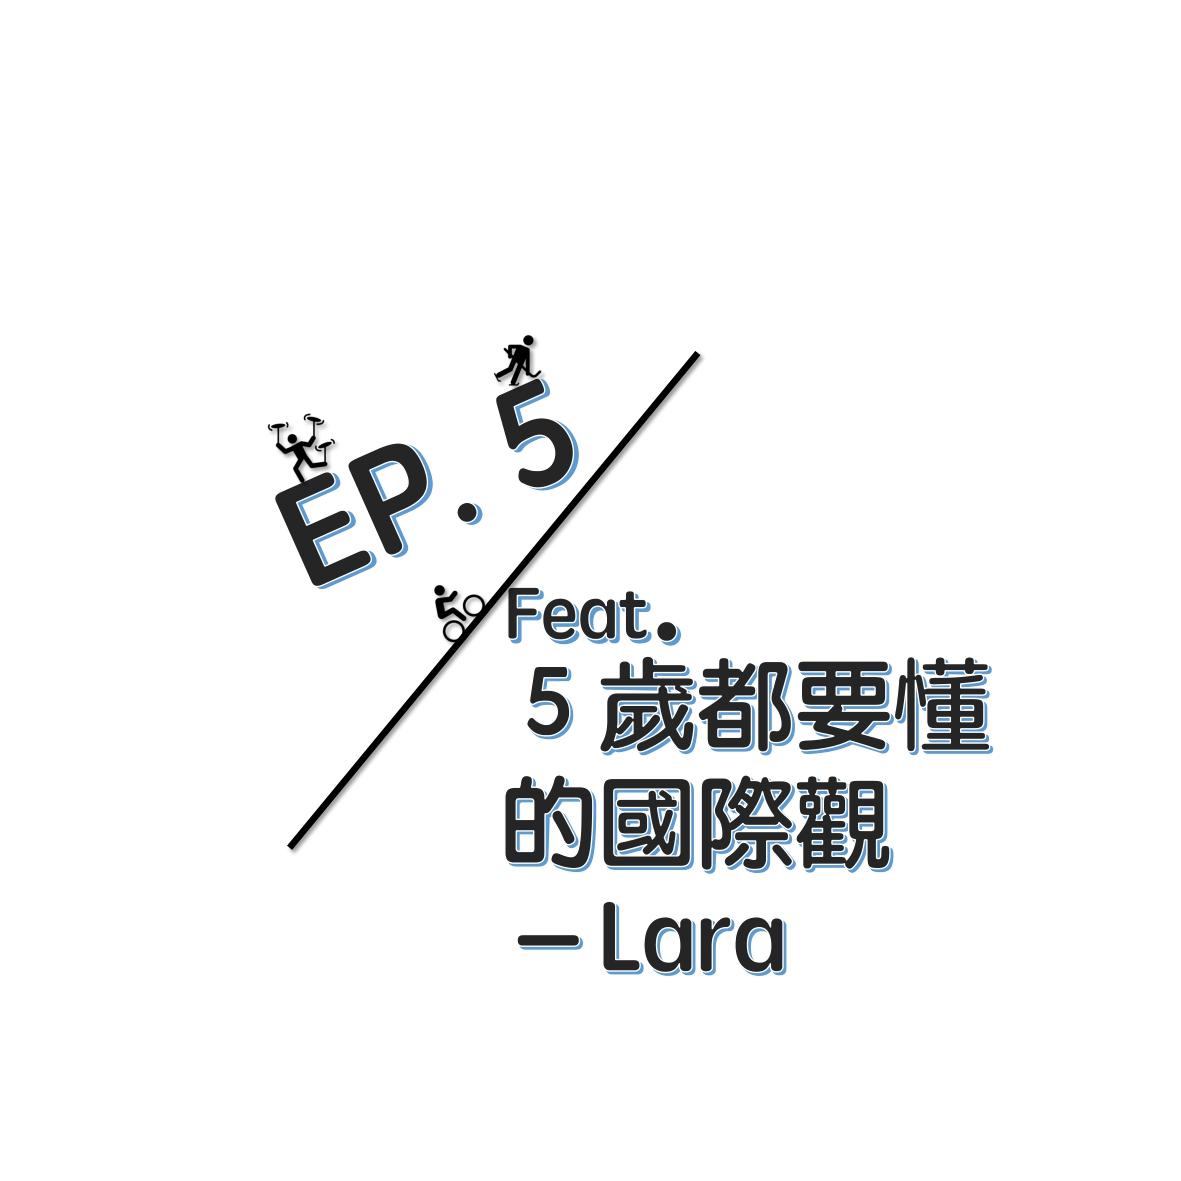 『斜槓主婦』Ep5. |「致力培養小孩國際觀的主婦」ft. 5歲都要懂的國際觀-Lara」